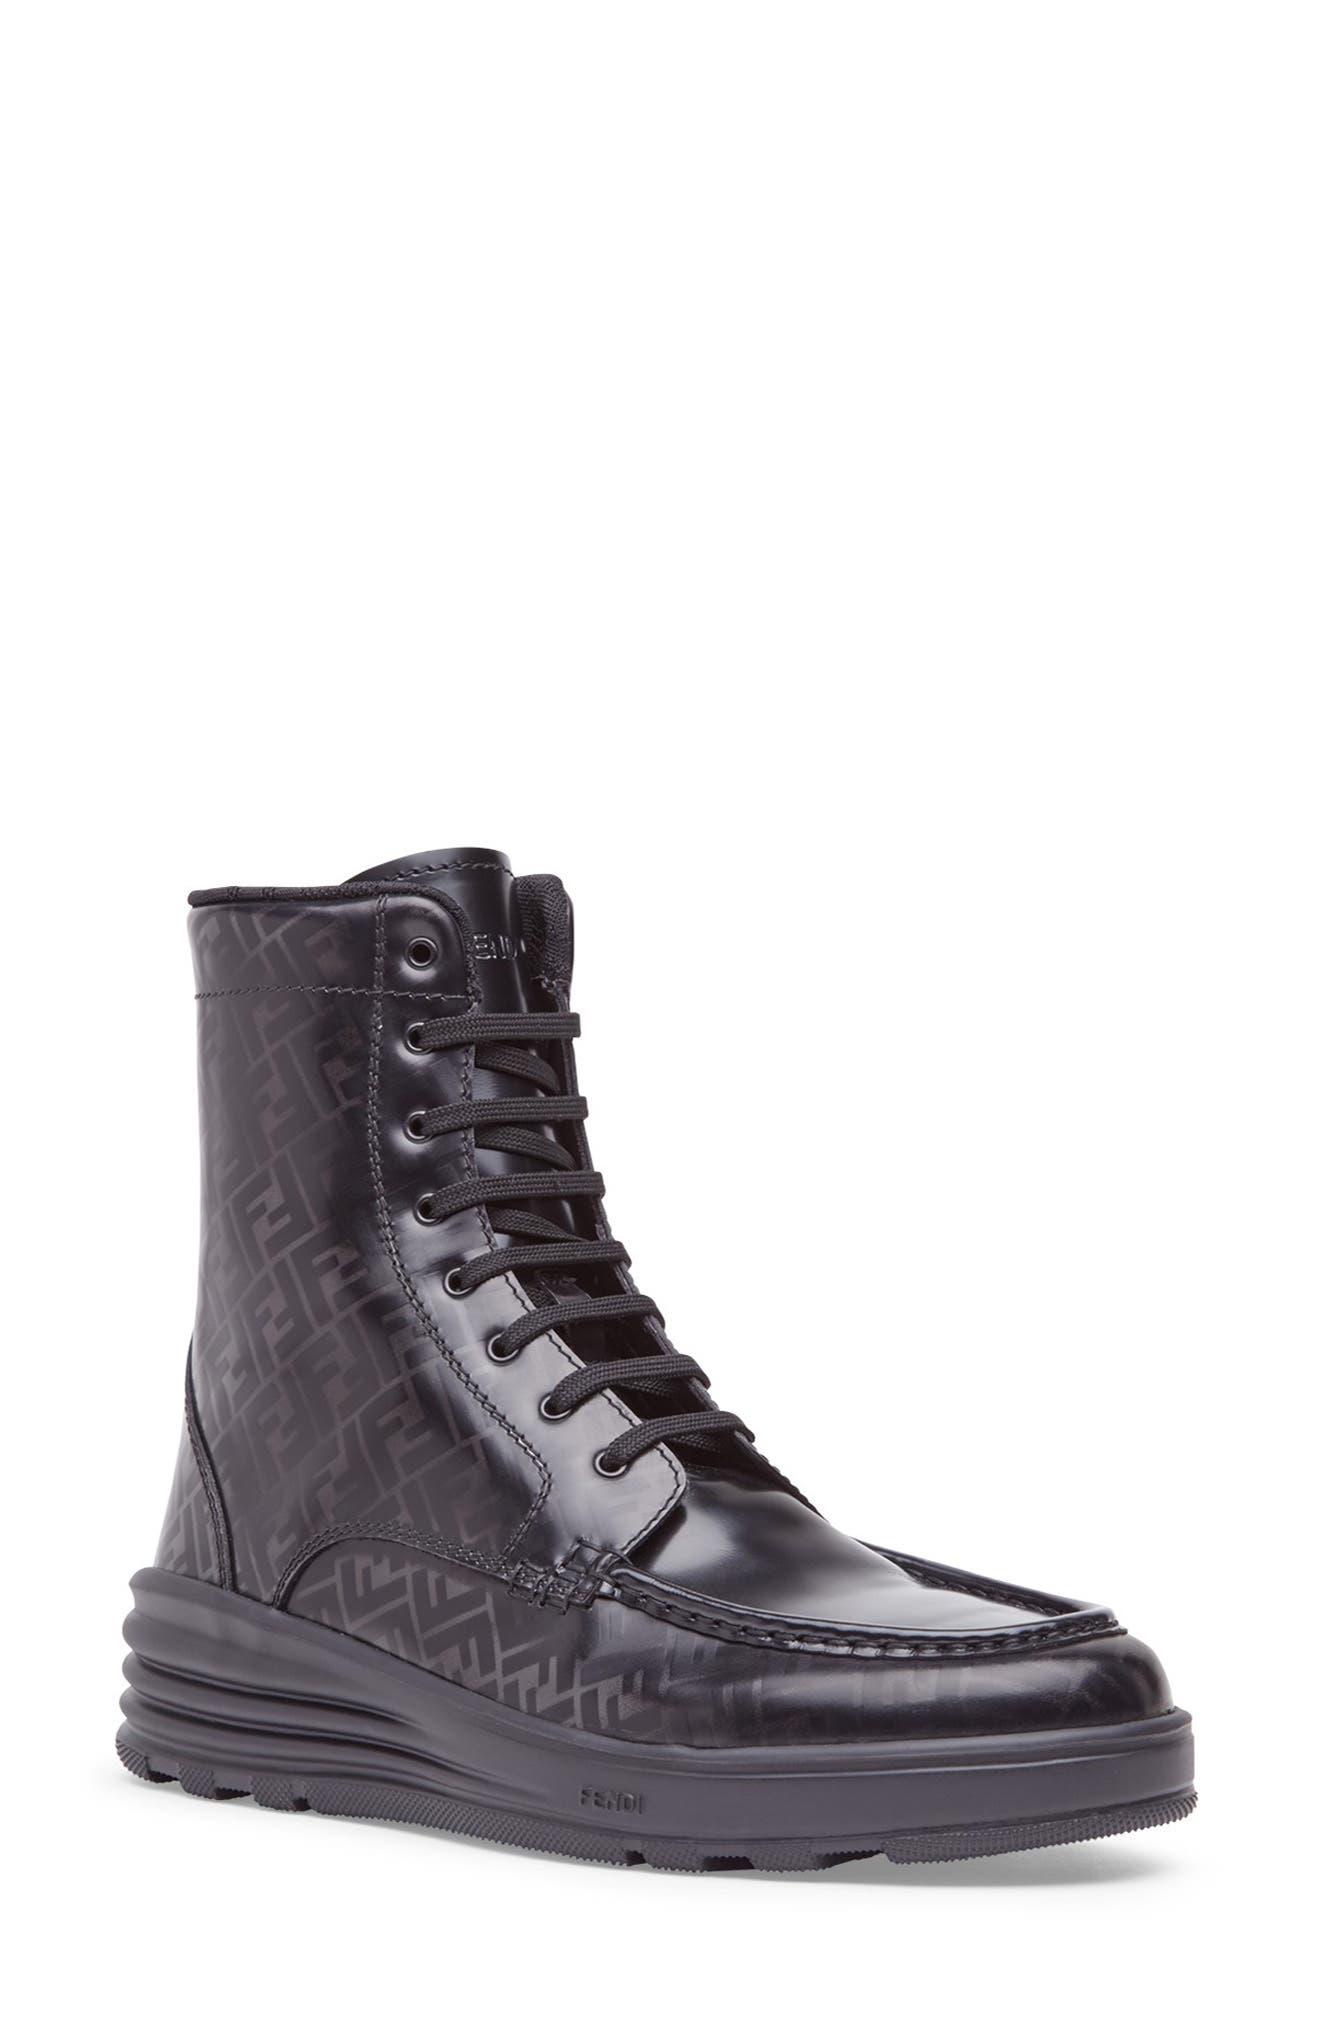 Mens Fendi Boots | Nordstrom